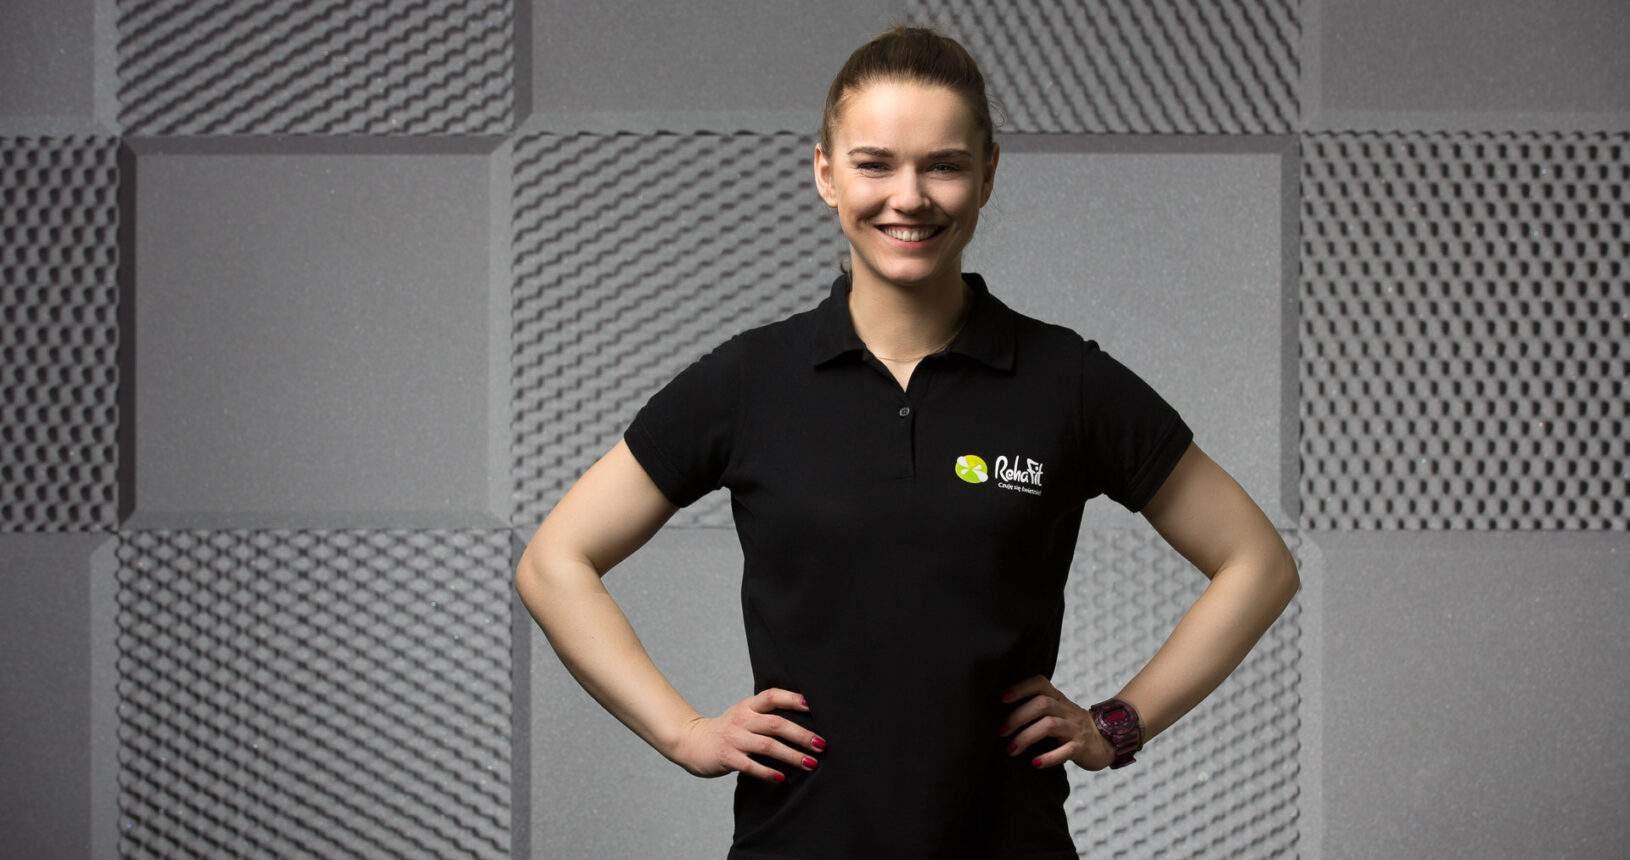 Trener przygotowania motorycznego, trener personalny i licencjonowany fizjoterapeuta, Marzena Dernowska z RehaFit Wrocław.